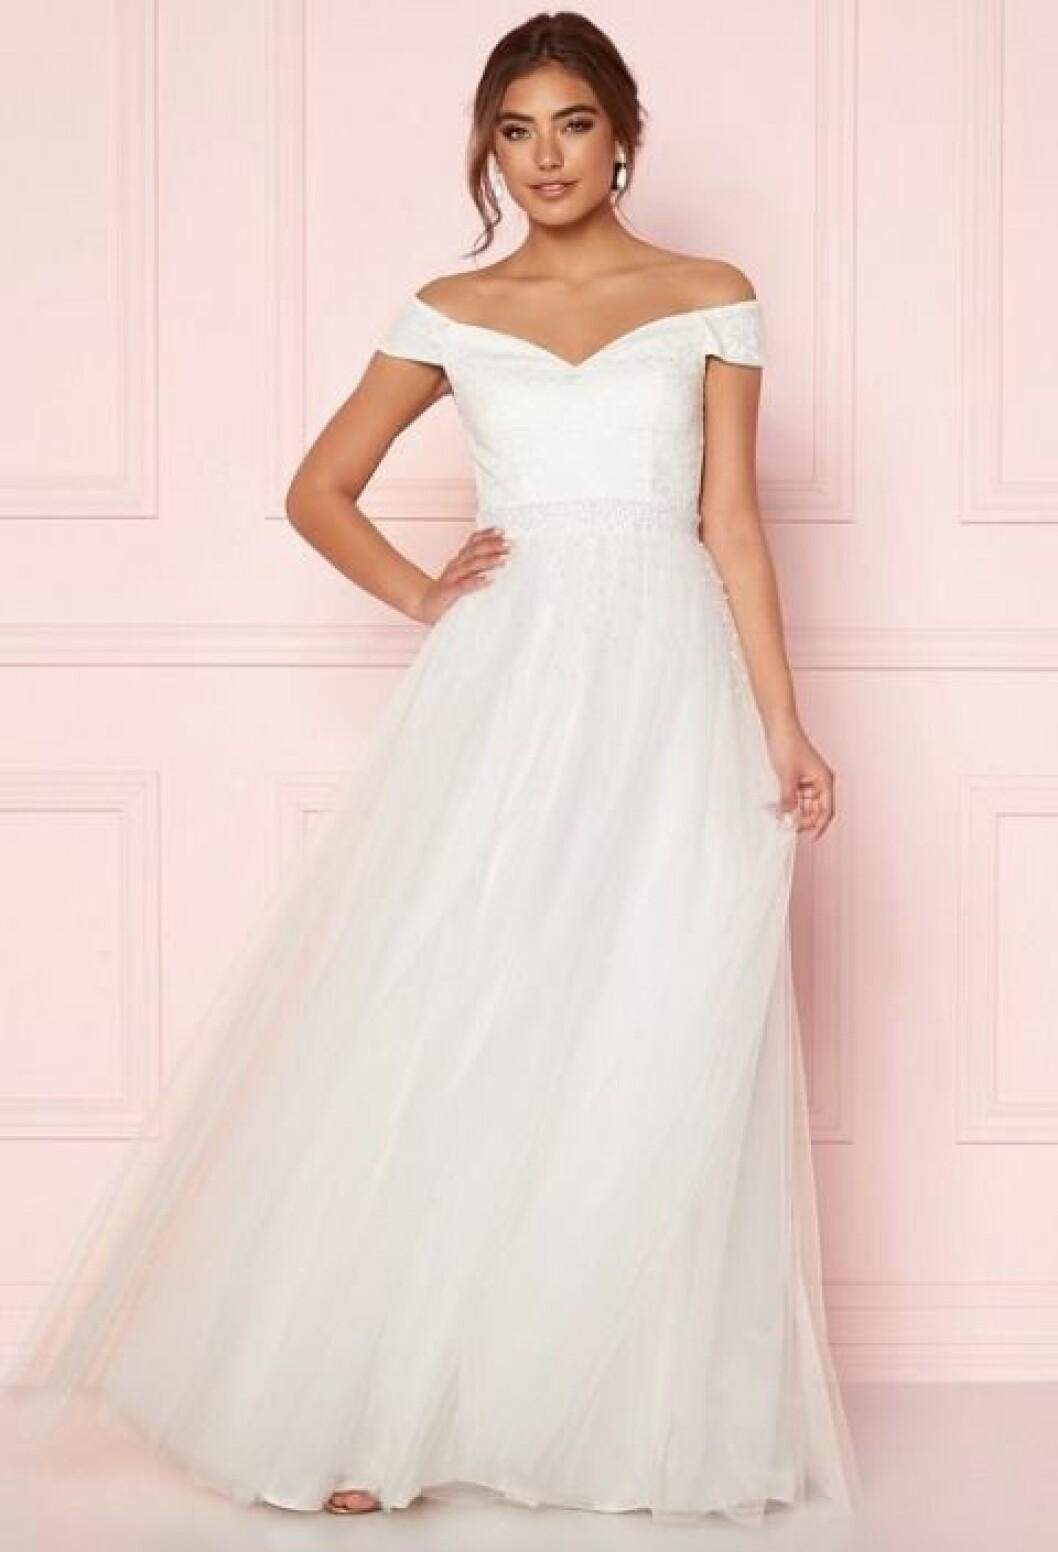 En bild på en brudklänning i tyll med spets- och pärldetaljer från Bubbleroom.